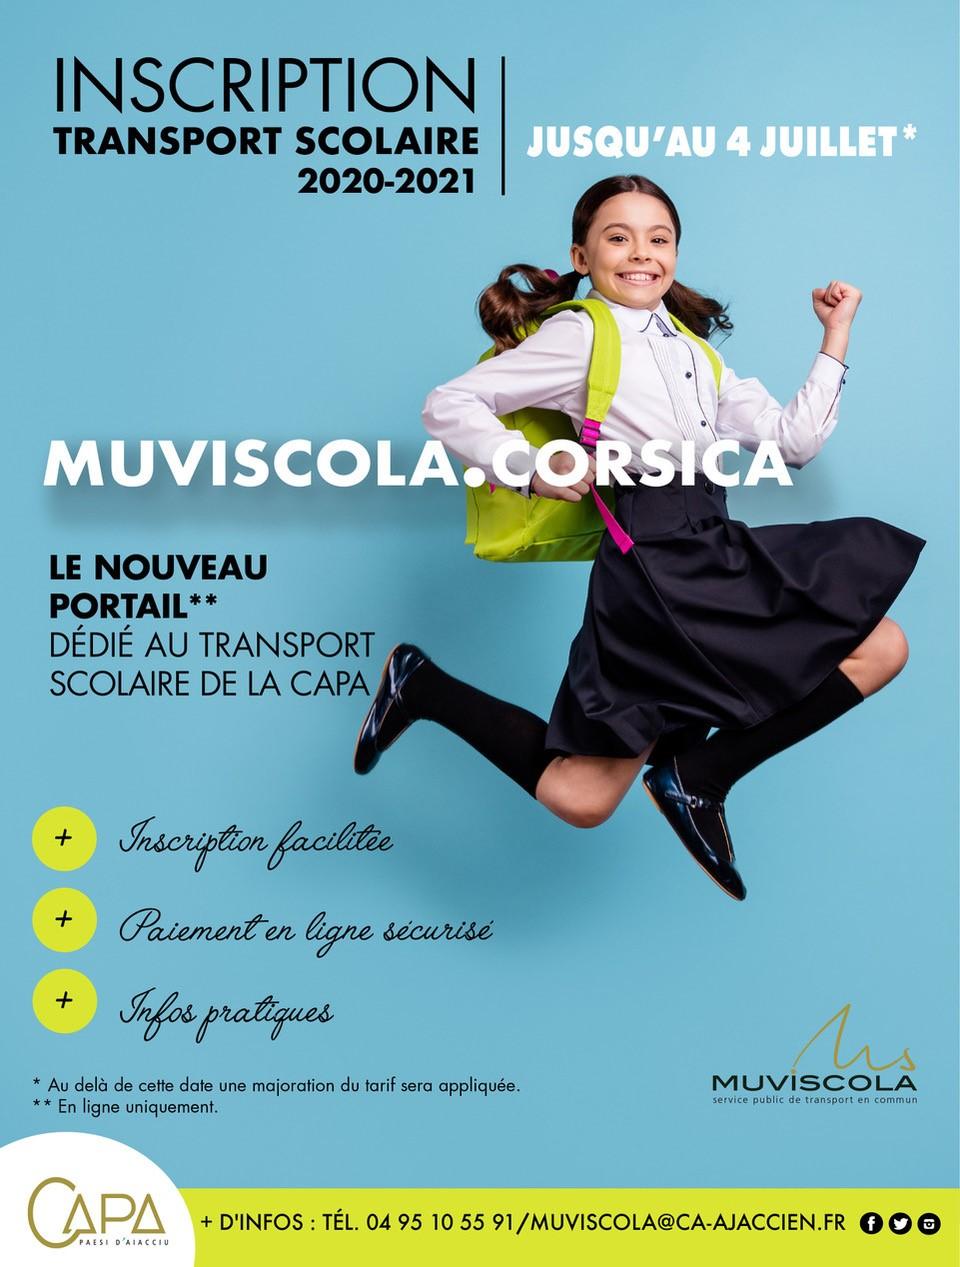 portail muviscola.corsica